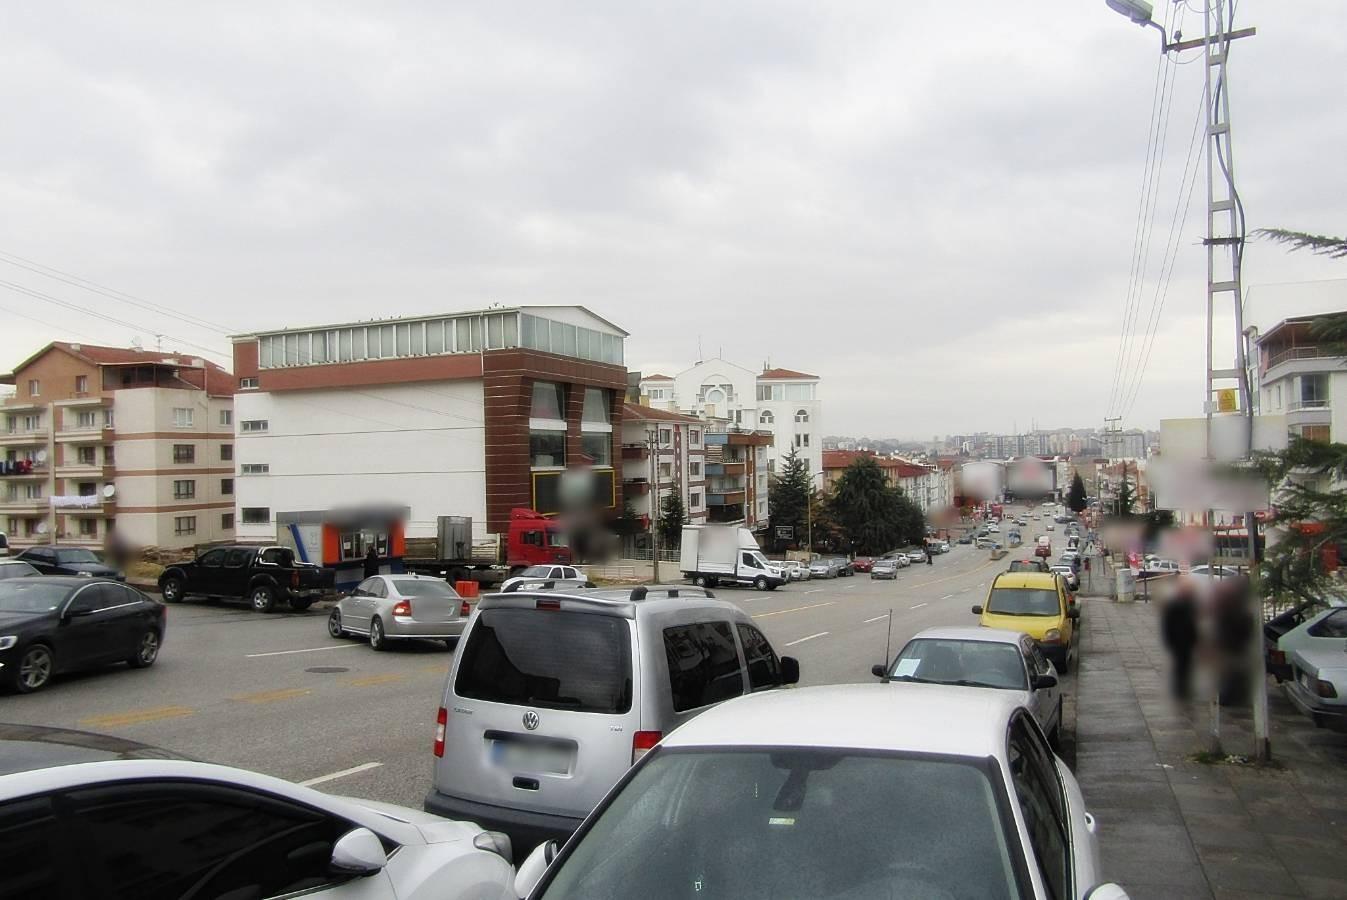 SR EMLAK'TAN PİYADE MAH'DE 35m² YATIRIMA UYGUN DÜKKAN